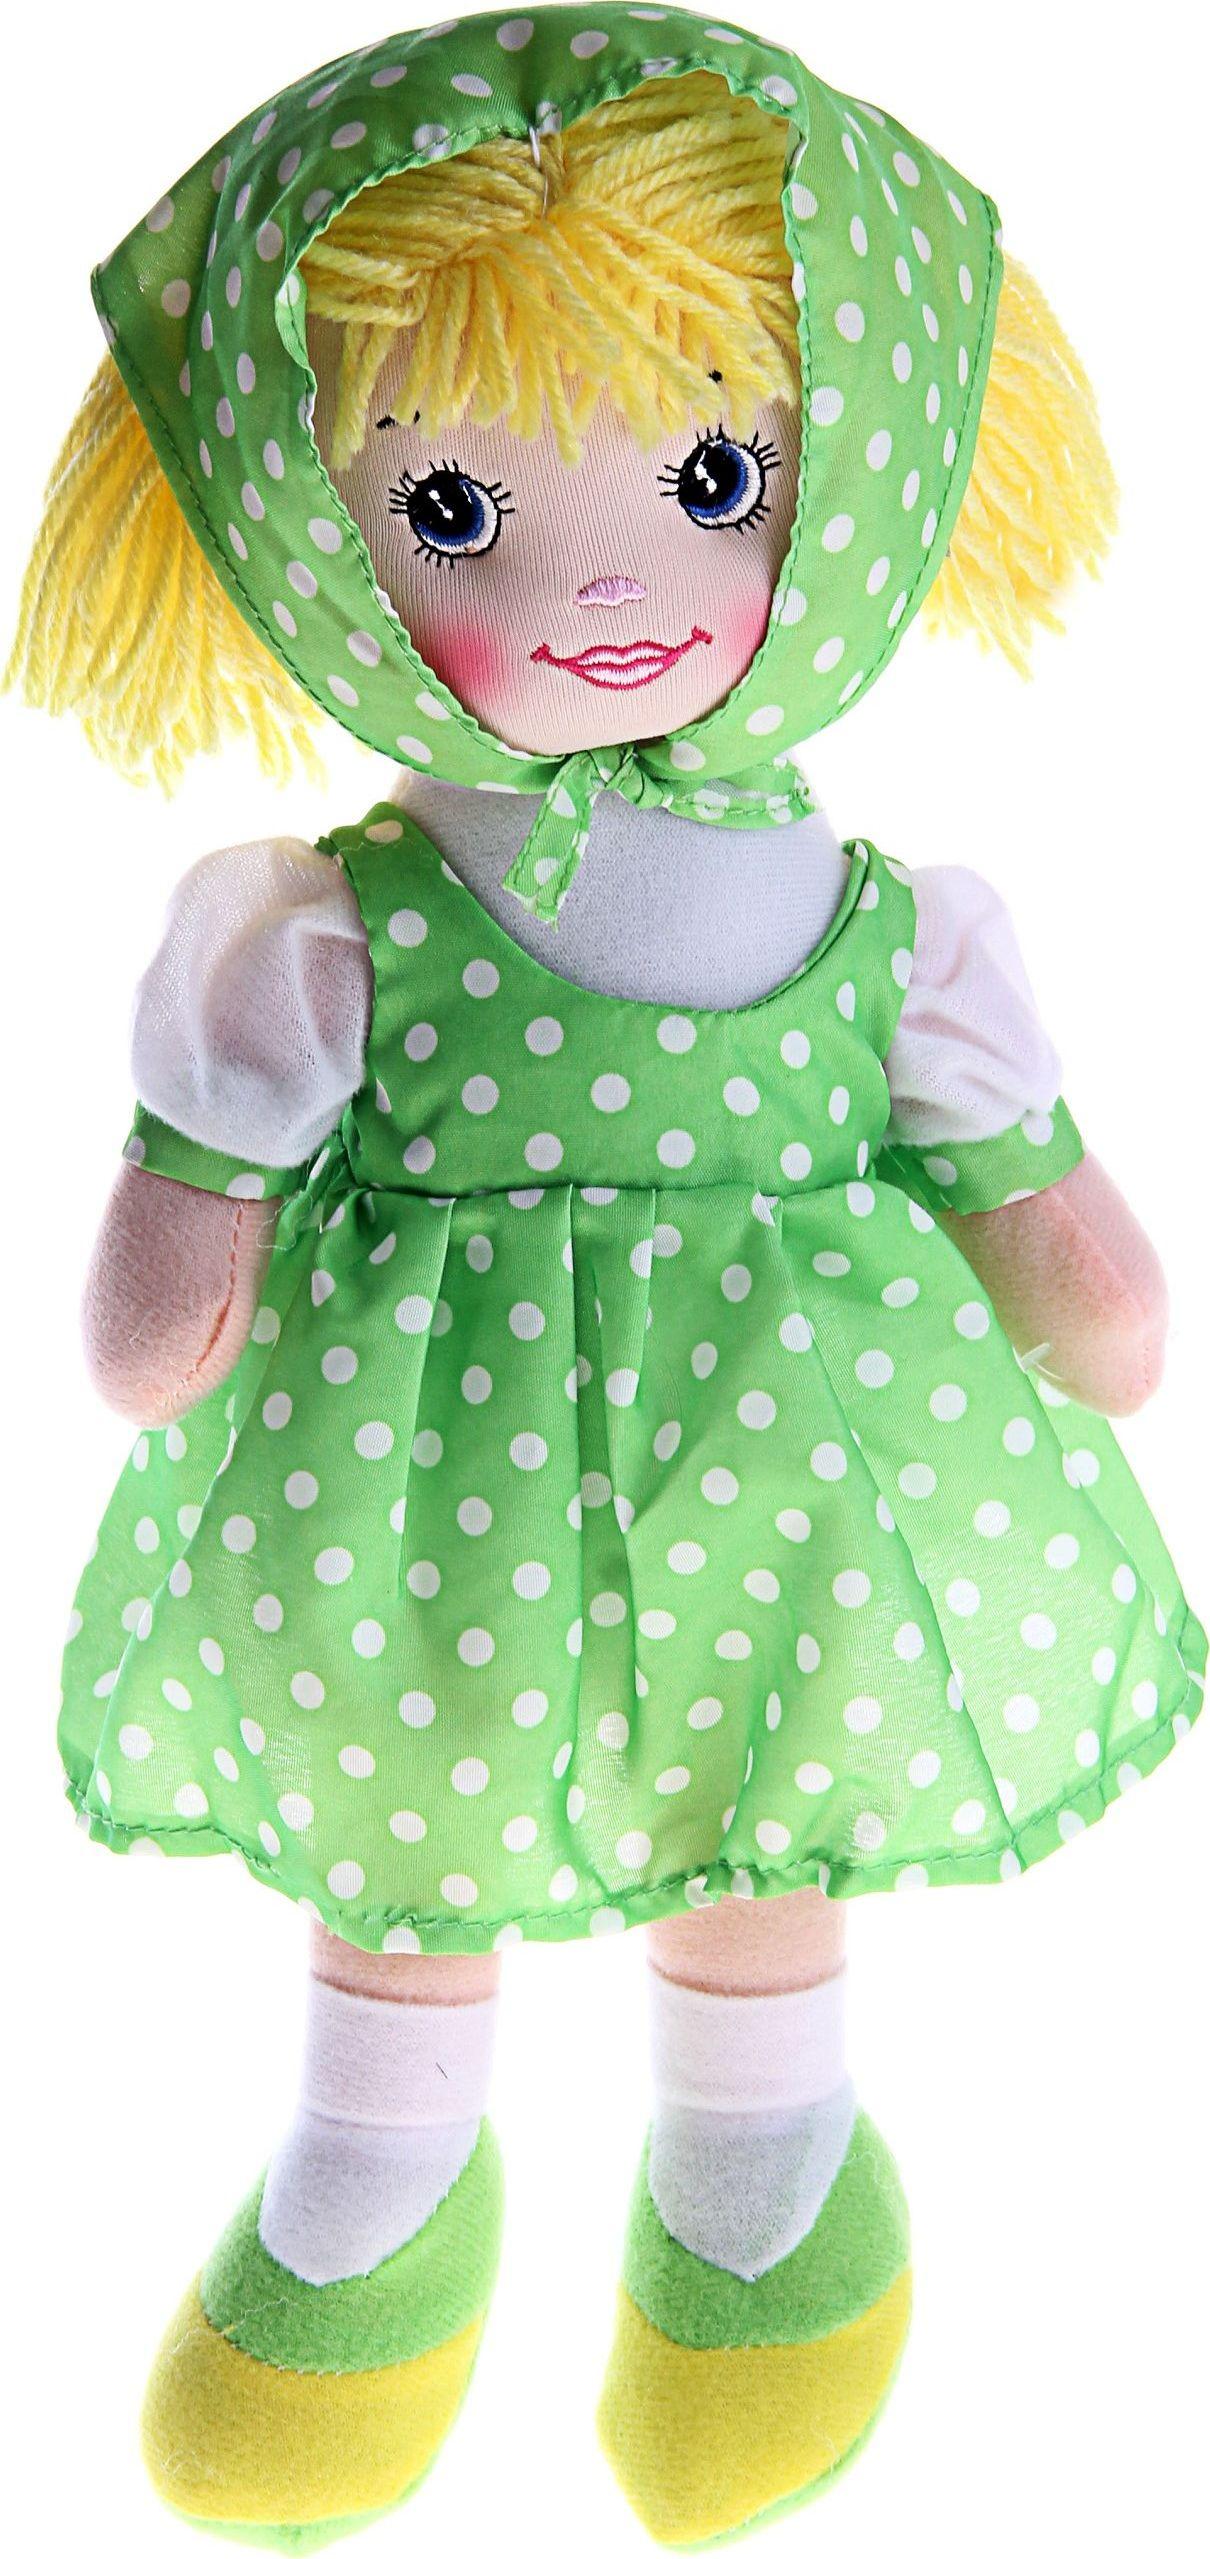 Sima-land Мягкая кукла Ксюша в косынке и зеленом платье 330356 sima land мягкая кукла оля с держателем и полотенцем цвет желтый